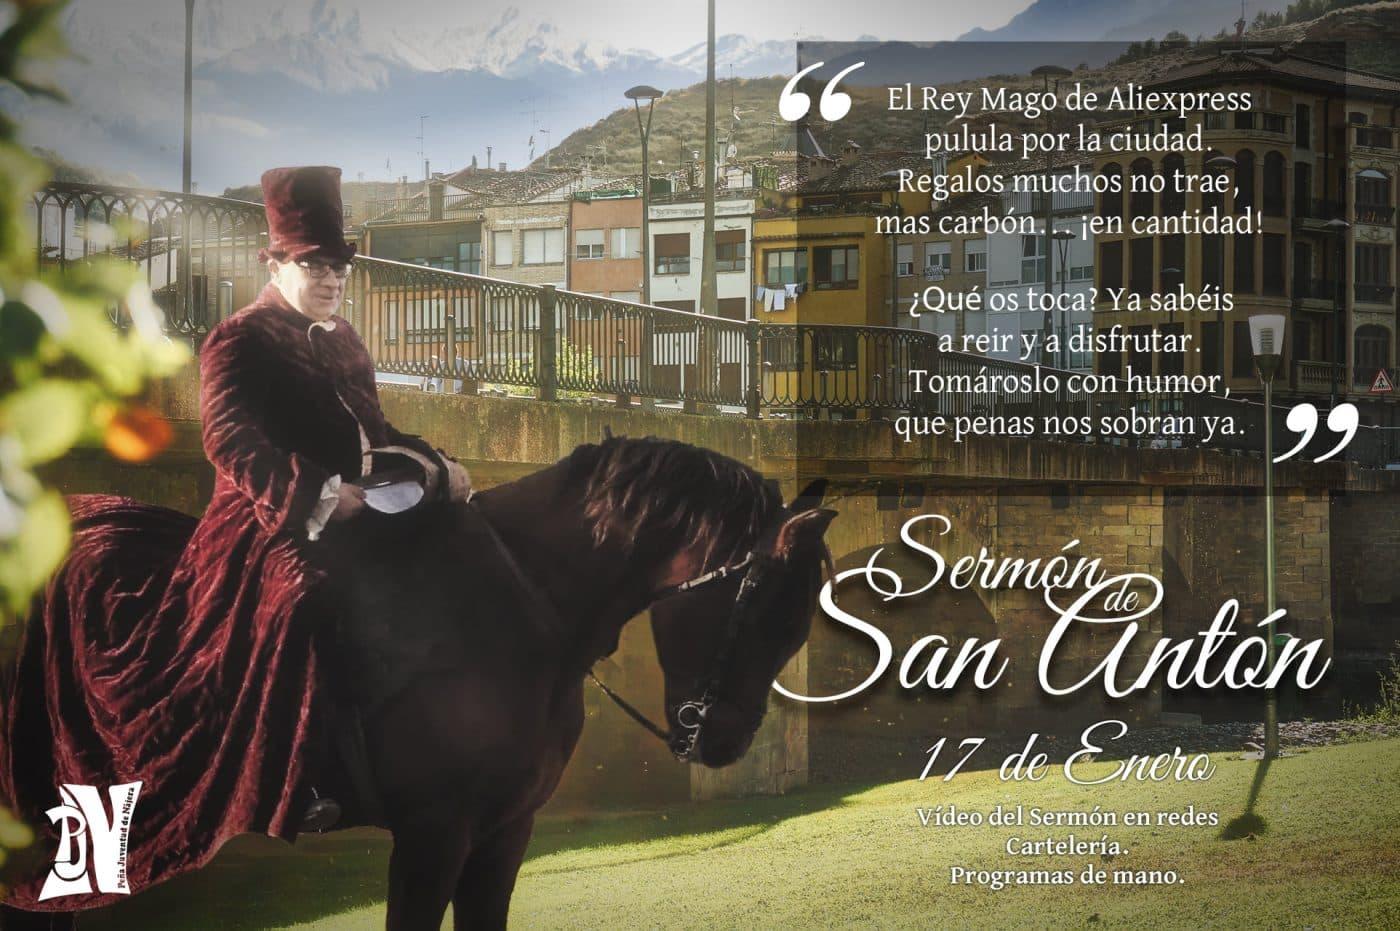 Sermón de San Antón